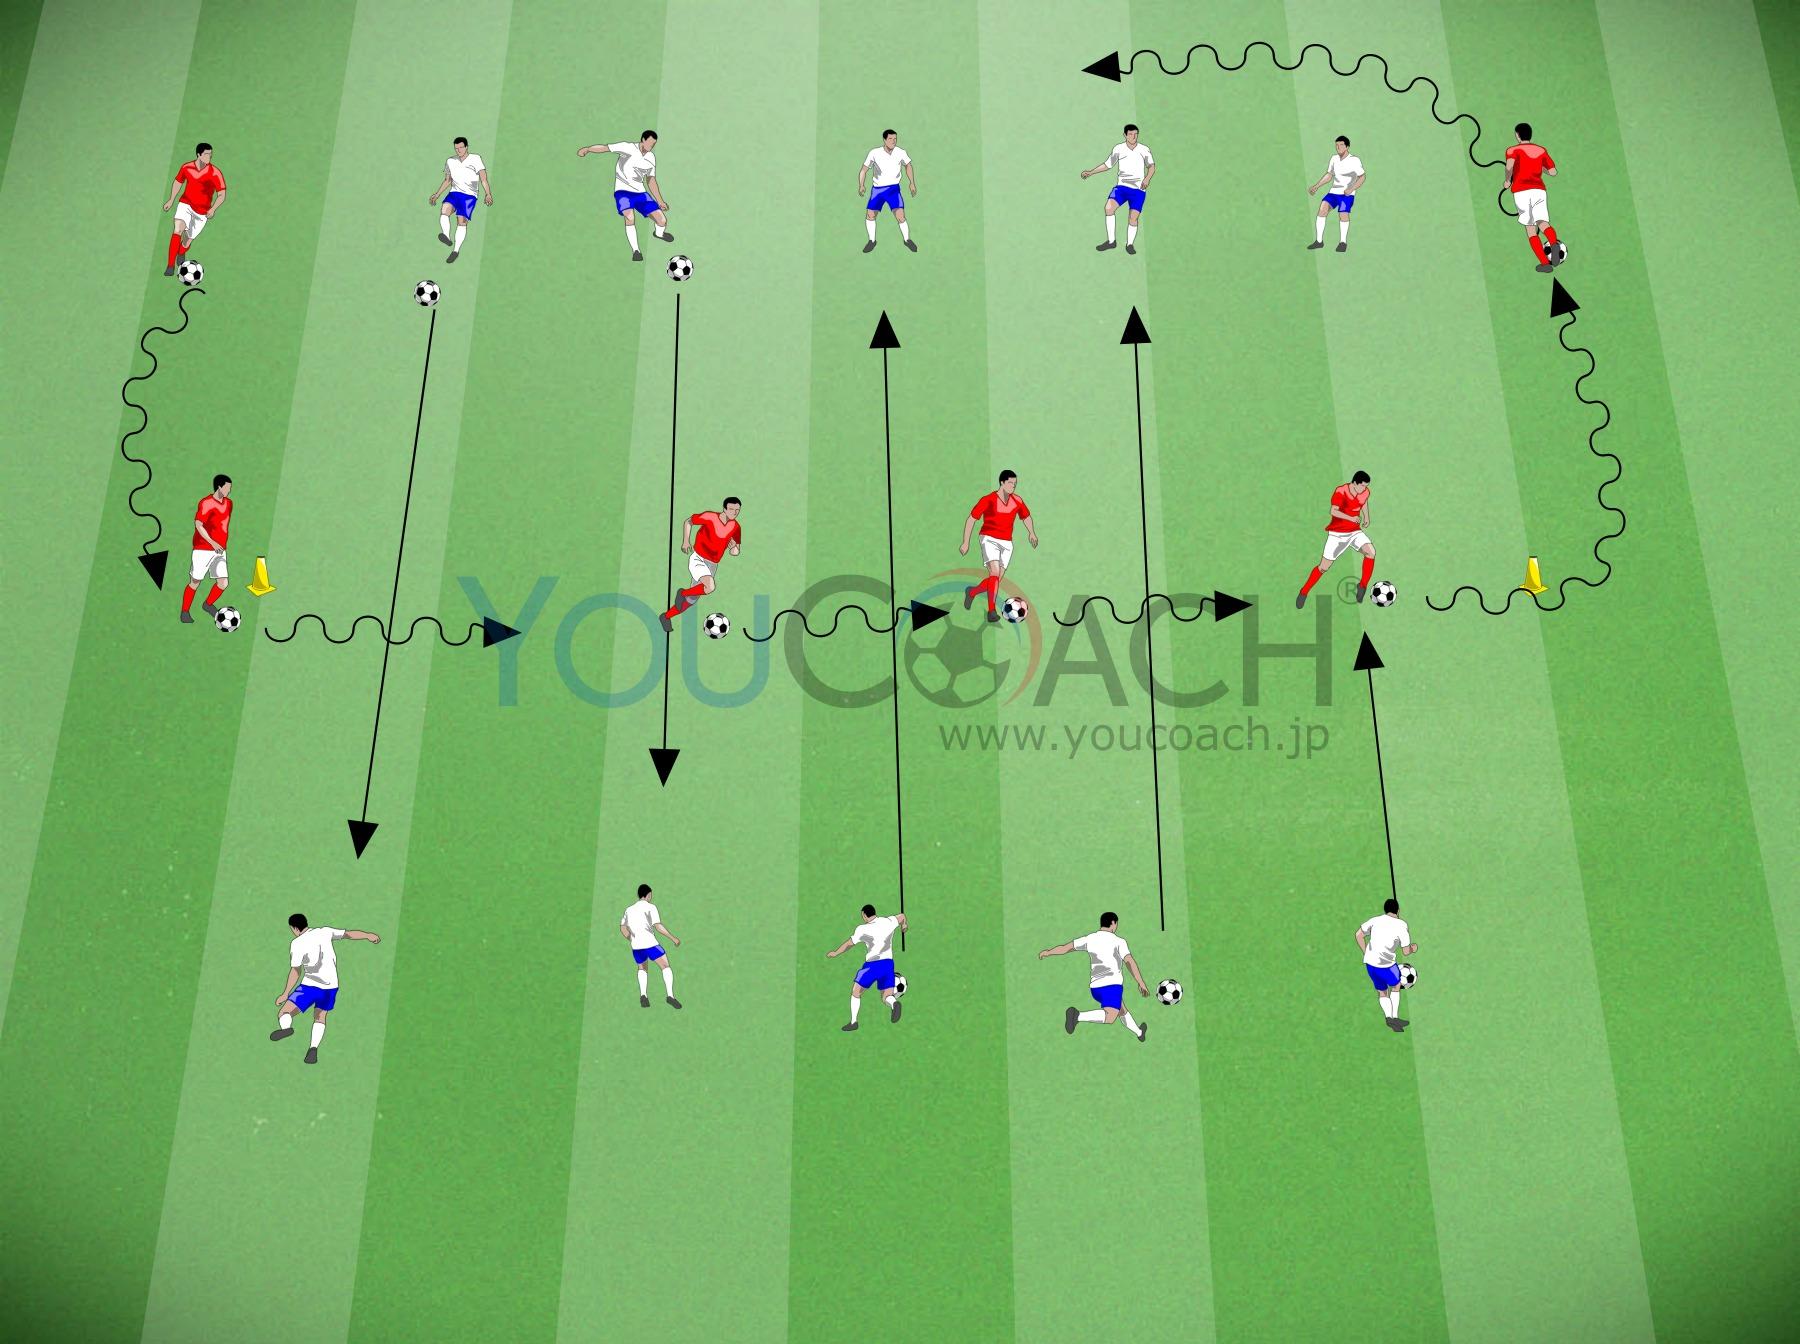 テクニックのウォーミングアップ-周囲を見渡す視野とボール操作